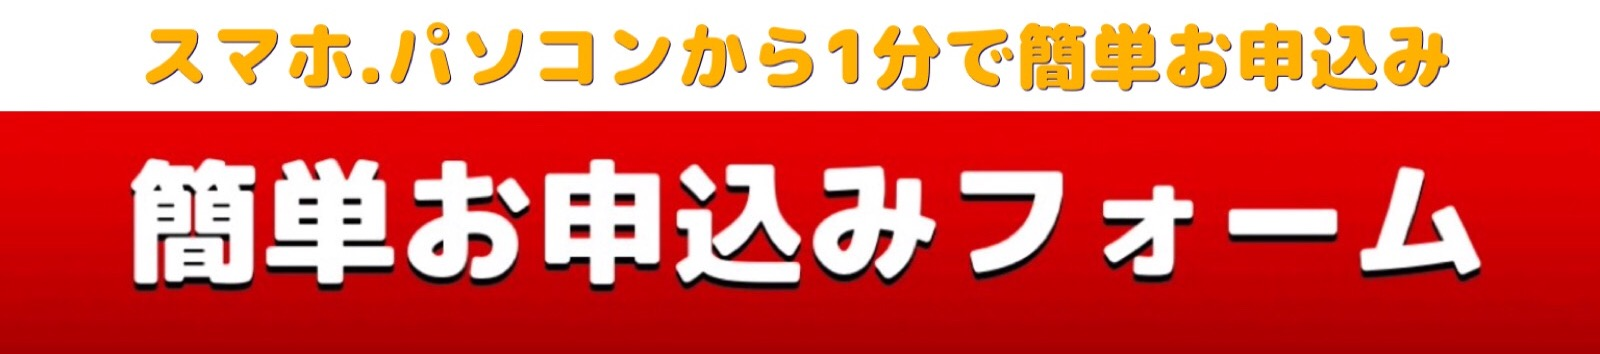 カリモク新横浜イベント申込み